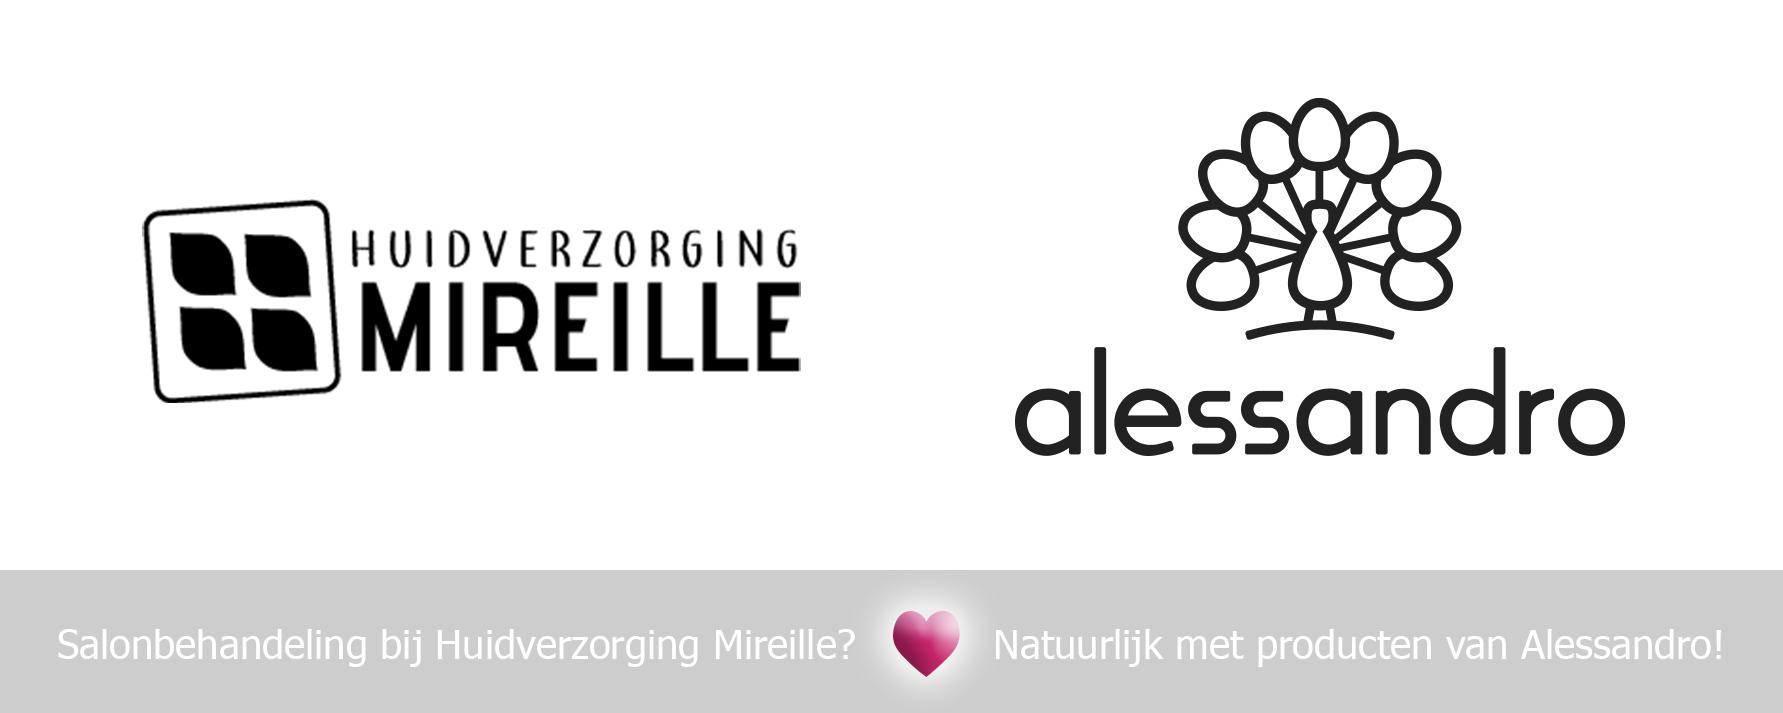 Salon Mireille gebruikt Alessandro verzorgingsproducten